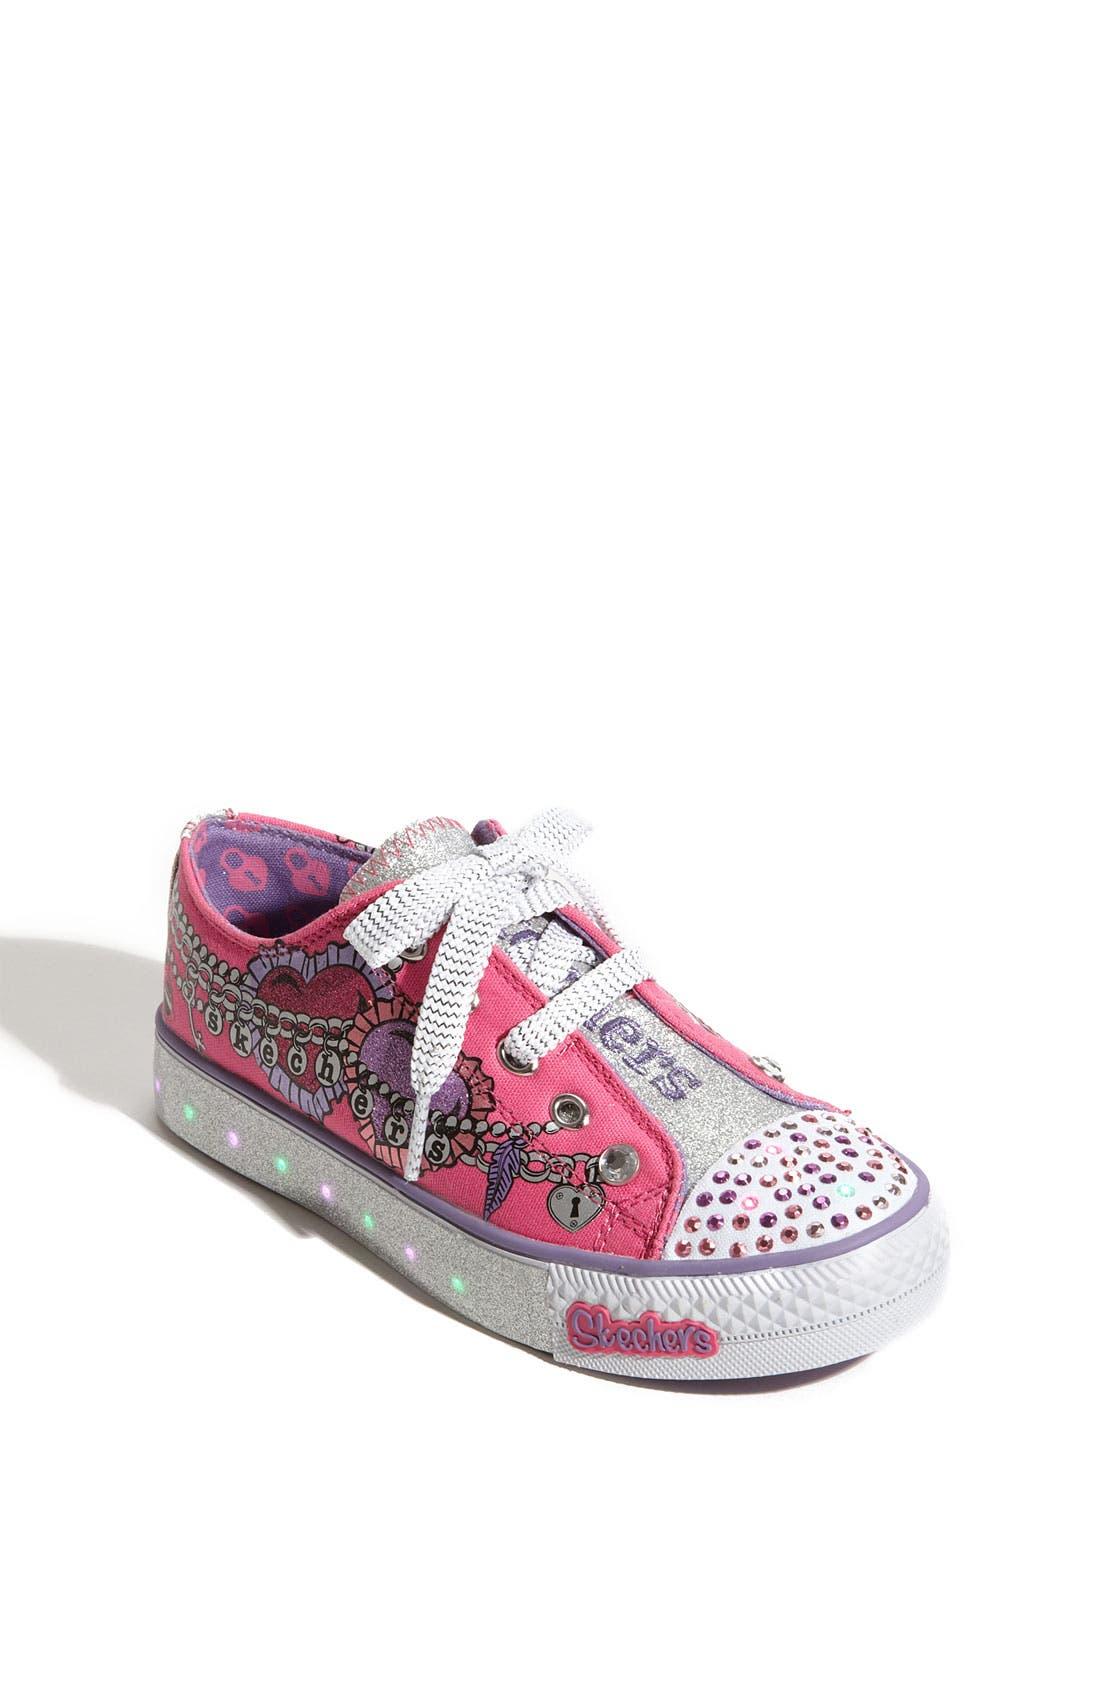 Alternate Image 1 Selected - SKECHERS 'Peekaboo - Dream Jumper' Sneaker (Toddler, Little Kid & Big Kid)